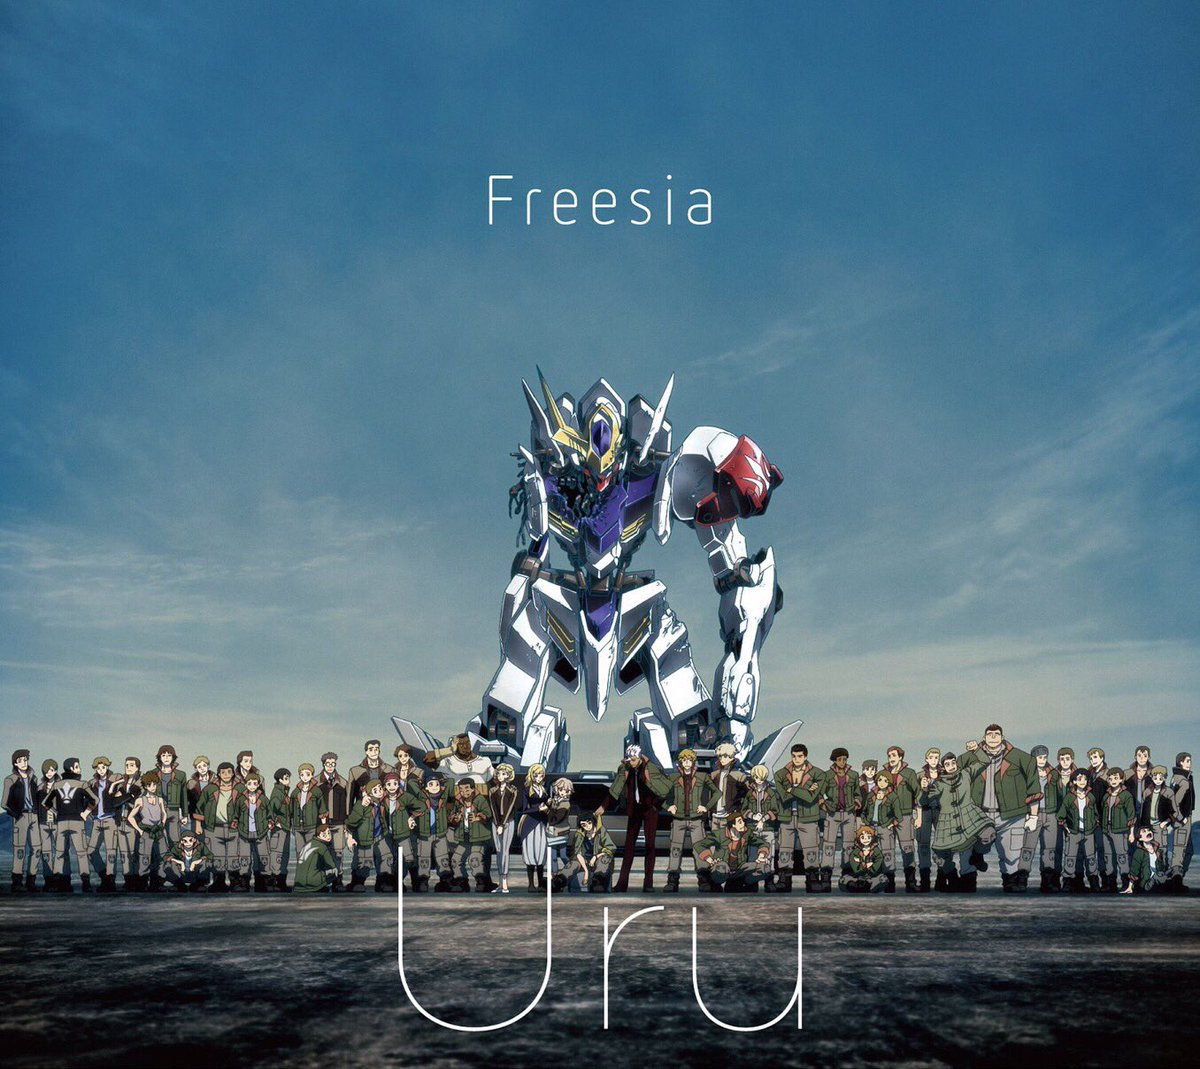 Uruさんが歌う、EDテーマ「フリージア」のアニメ盤ジャケットが公開となりました。2/15(水)リリ…